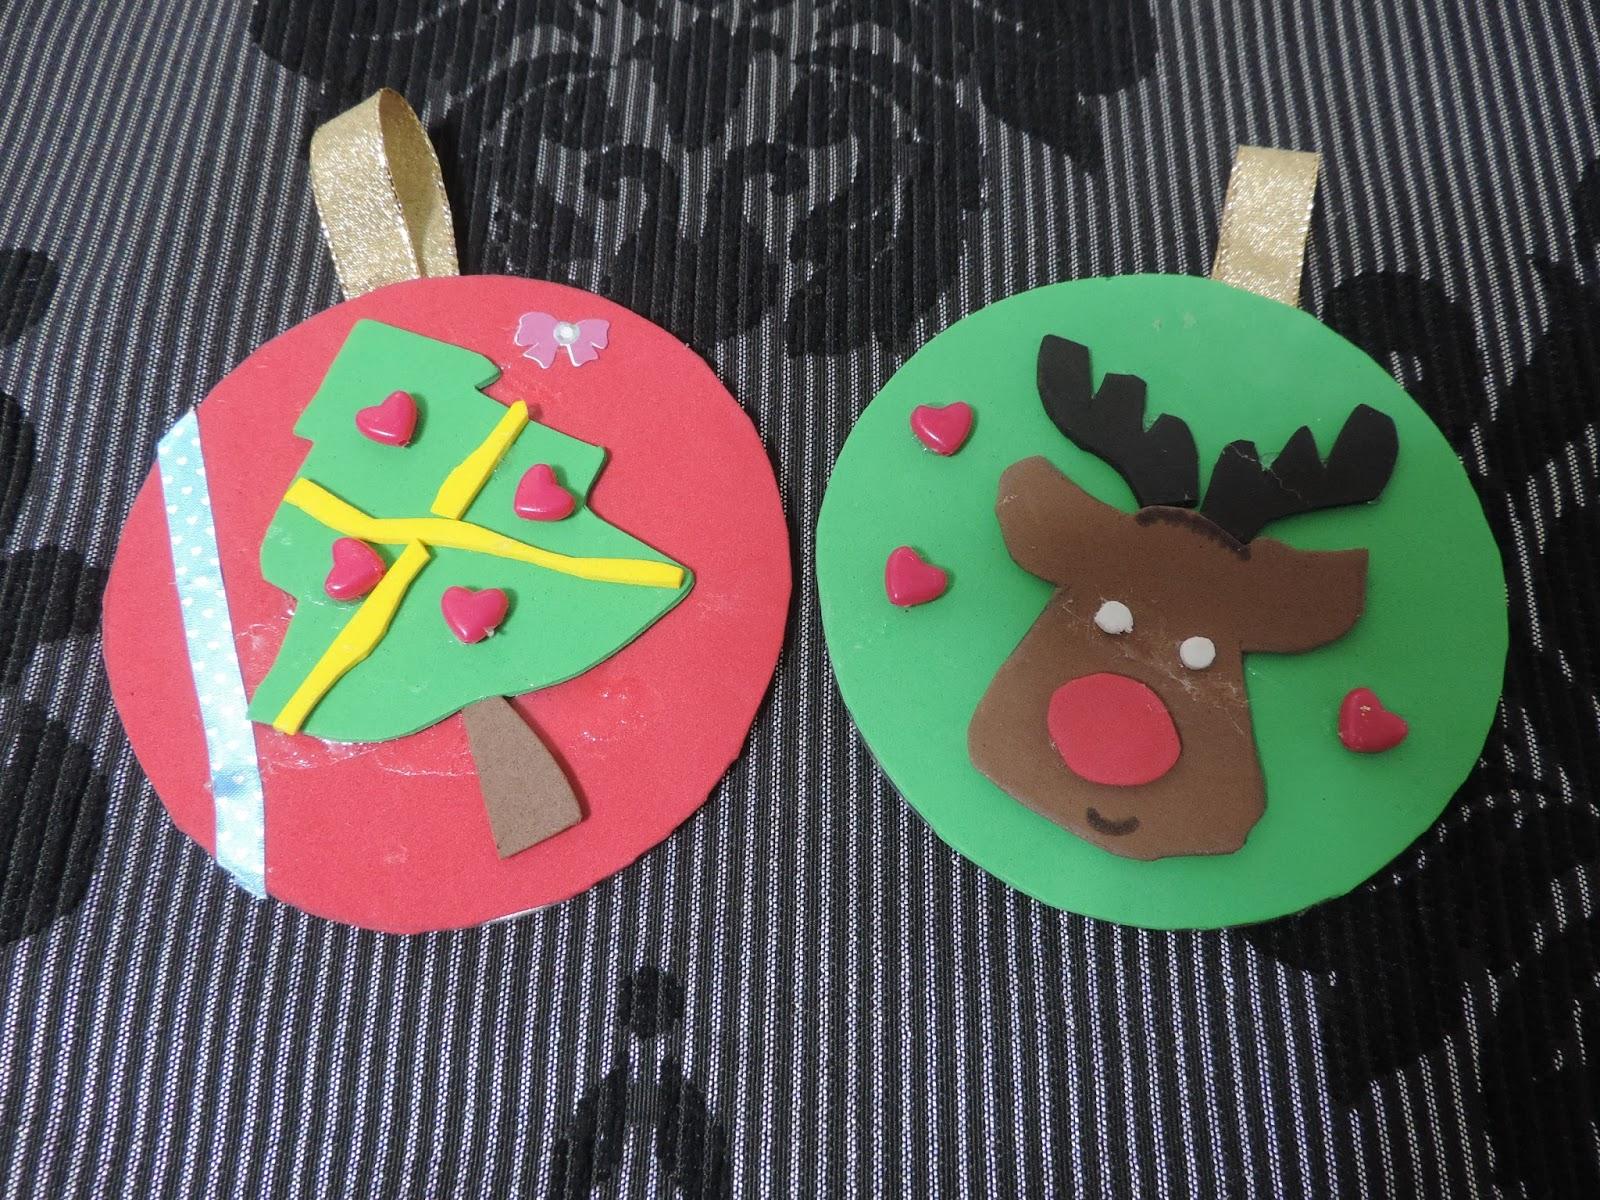 Cosas de cari adornos de navidad con cd s reciclados y - Adornos para navidad con pinas ...